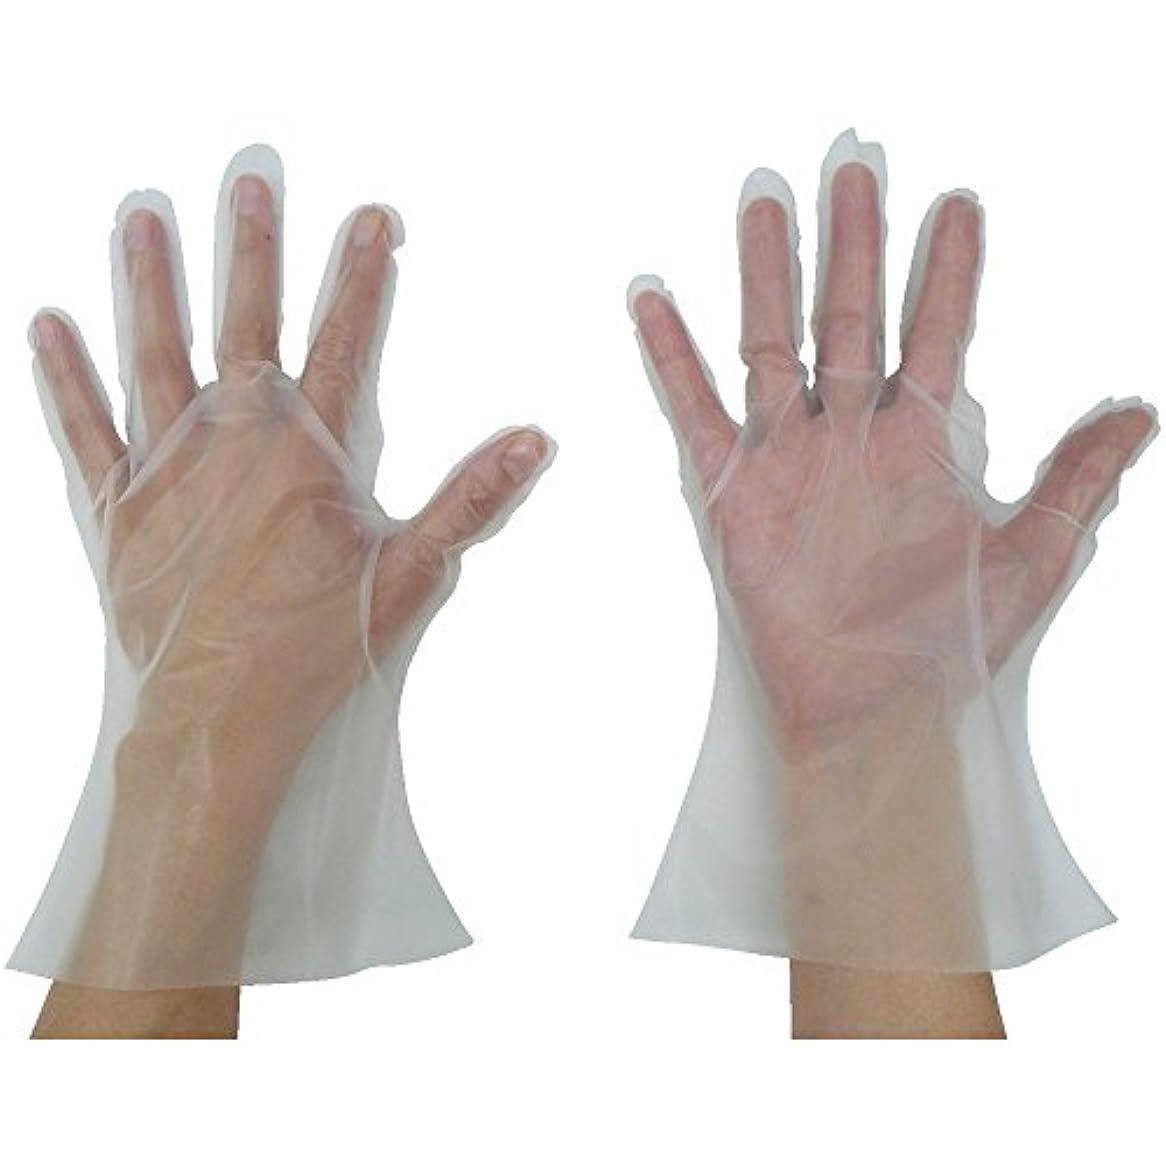 用語集汚染したい東京パック 緊急災害対策用手袋ニューマイジャスト簡易50M 半透明 KN-M ポリエチレン使い捨て手袋